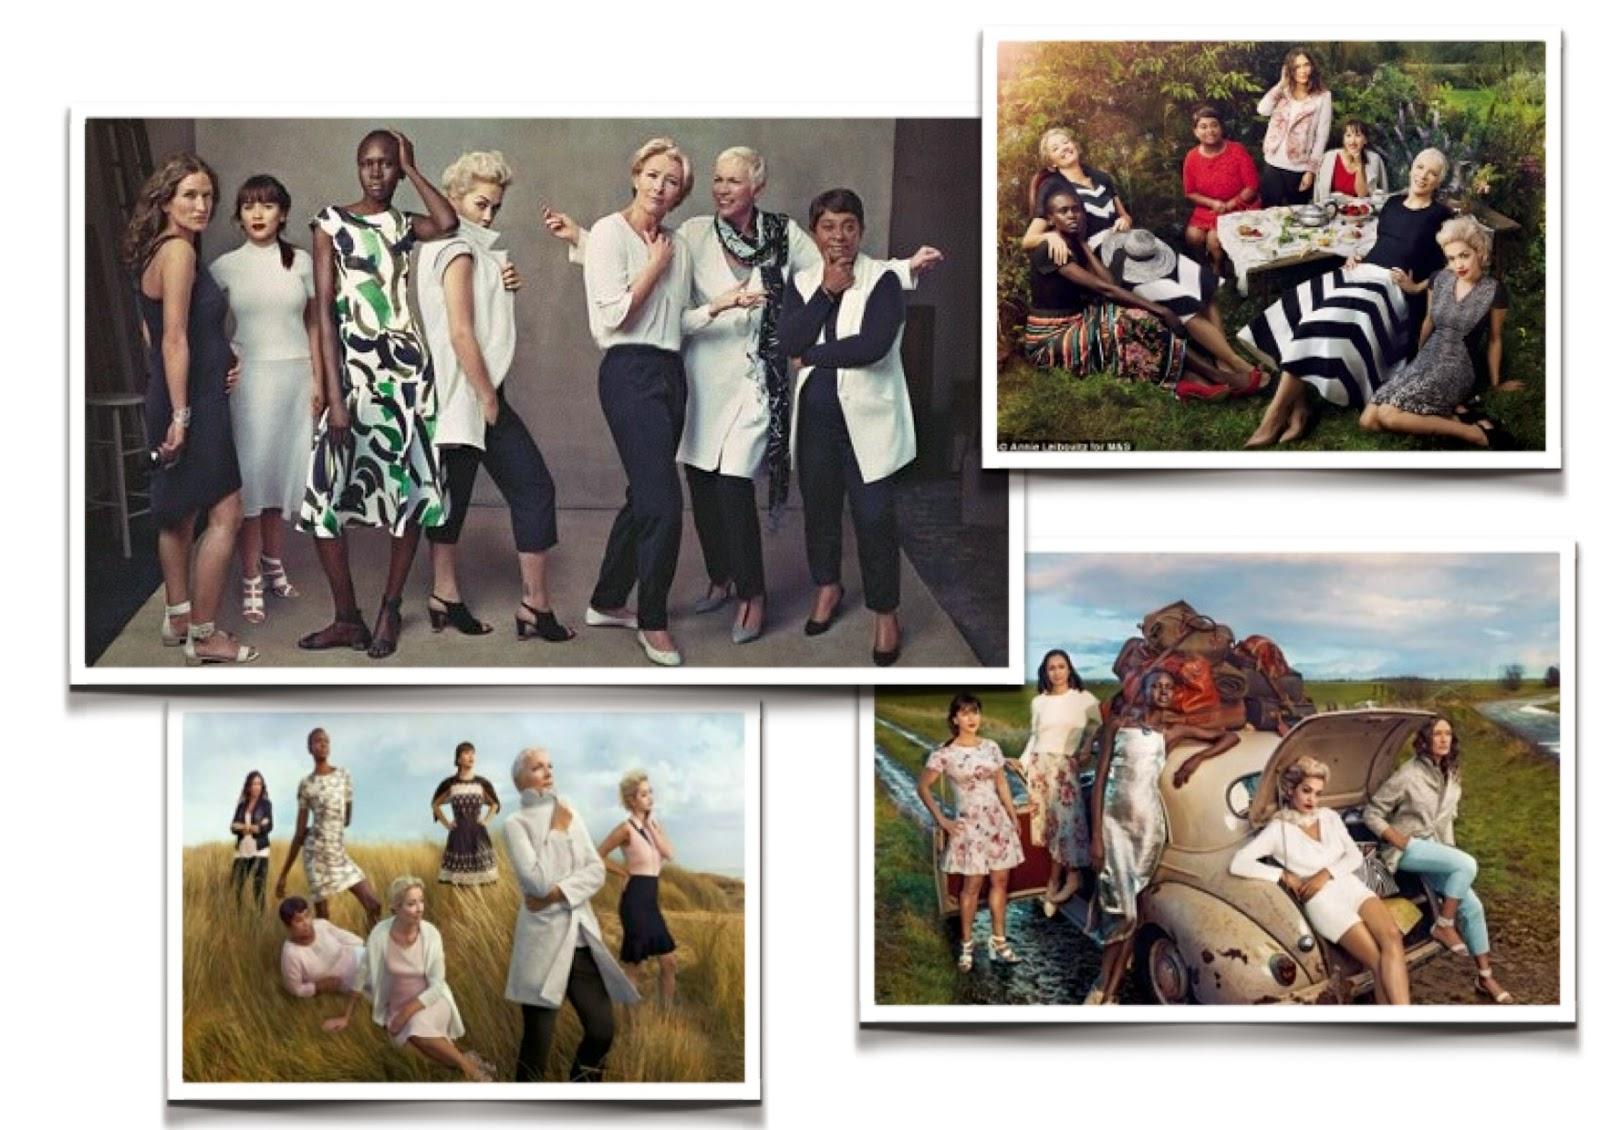 http://2.bp.blogspot.com/-dQ_iUKQ1mOs/U01S1dMcZ9I/AAAAAAAAA6M/Uwhd-rkdwVk/s1600/M&S+SS14+Leading+Ladies+Campaign.jpg